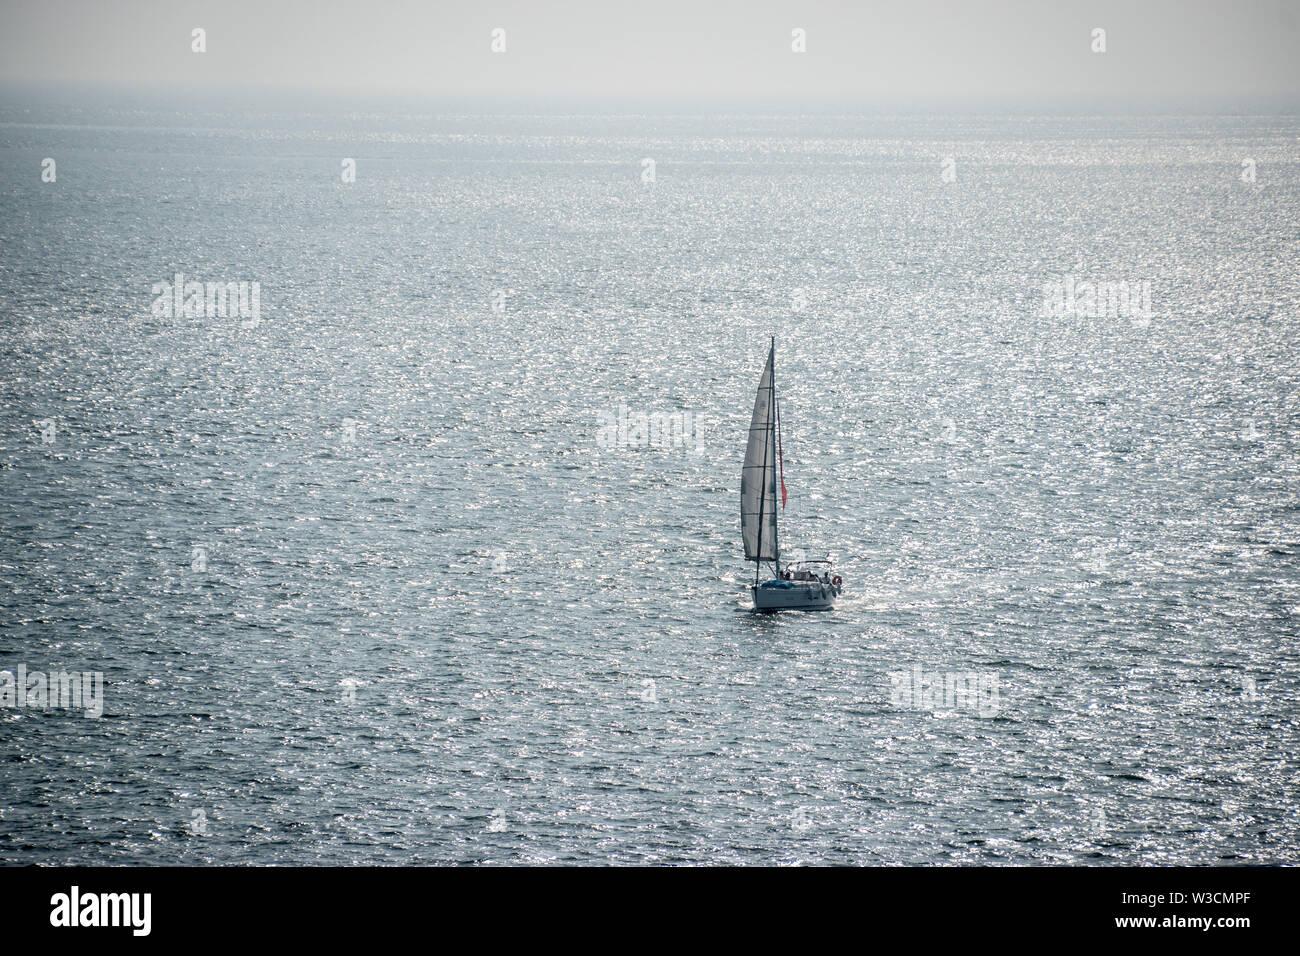 Un solitario único velero en el Océano Atlántico frente a la costa de Lisboa, Portugal. Foto de stock